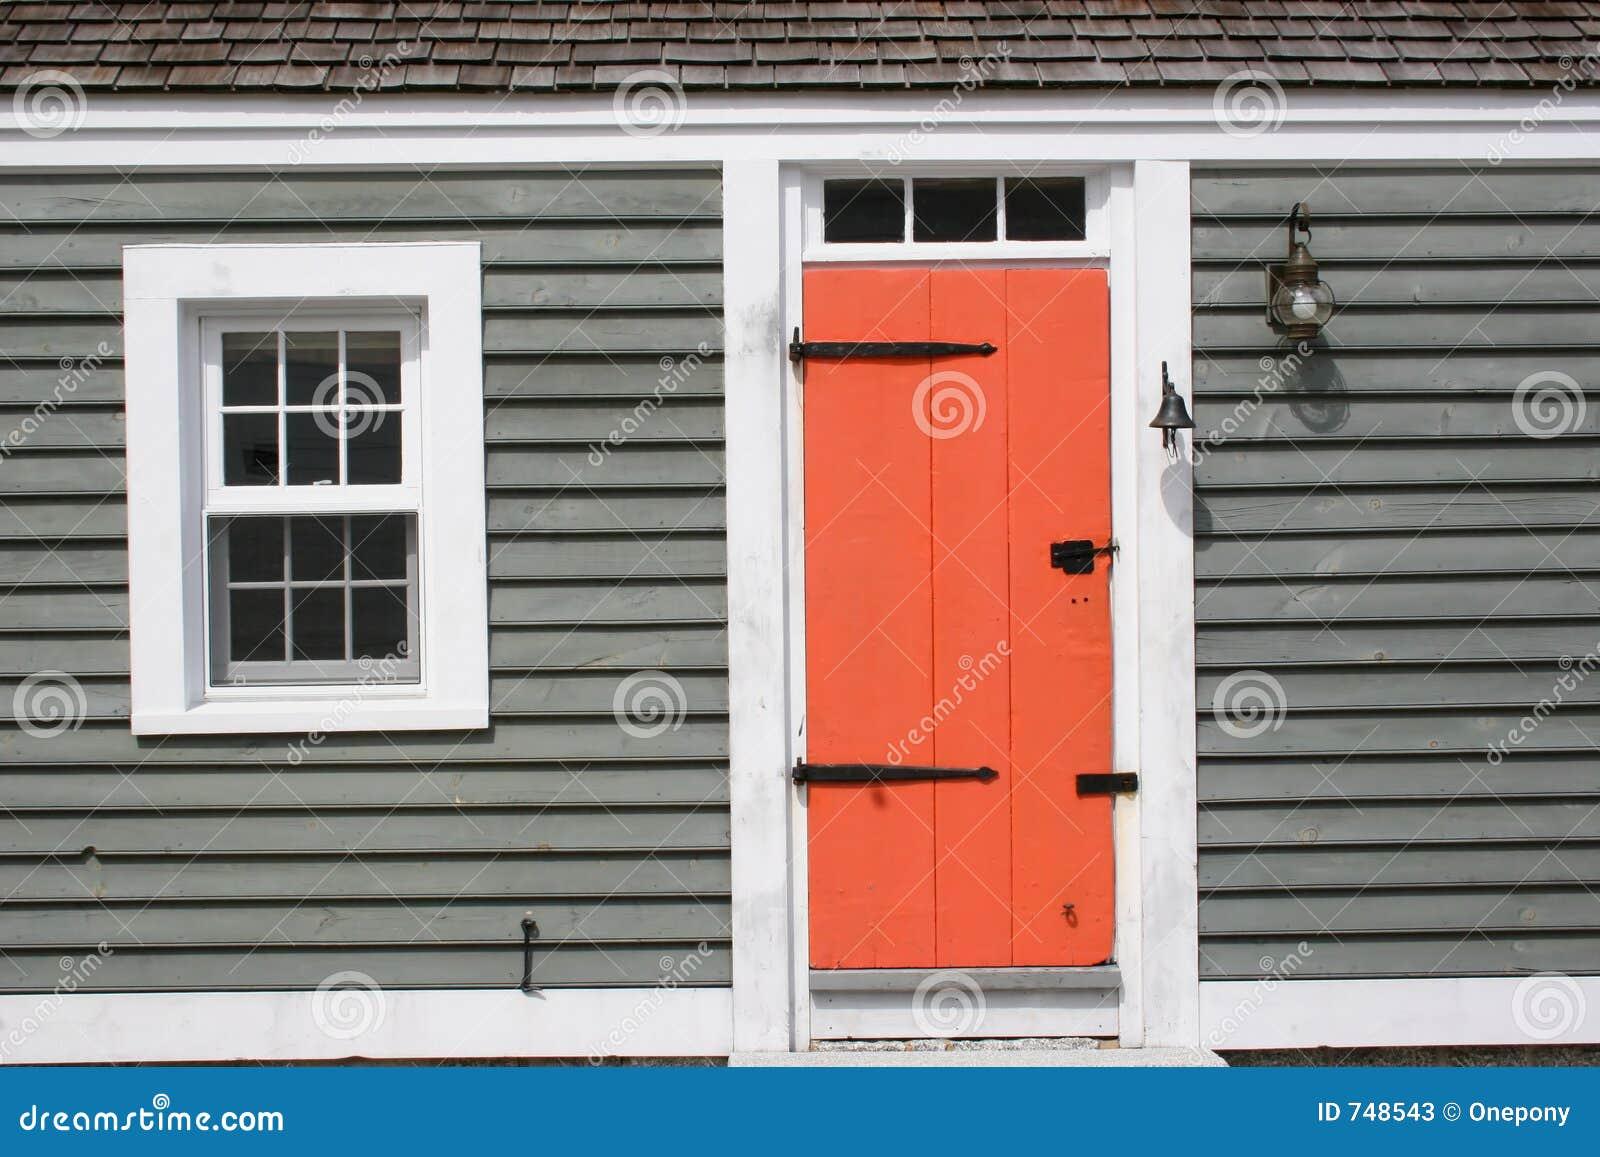 Emejing Shaker Home Design Images - Amazing House Decorating Ideas ...